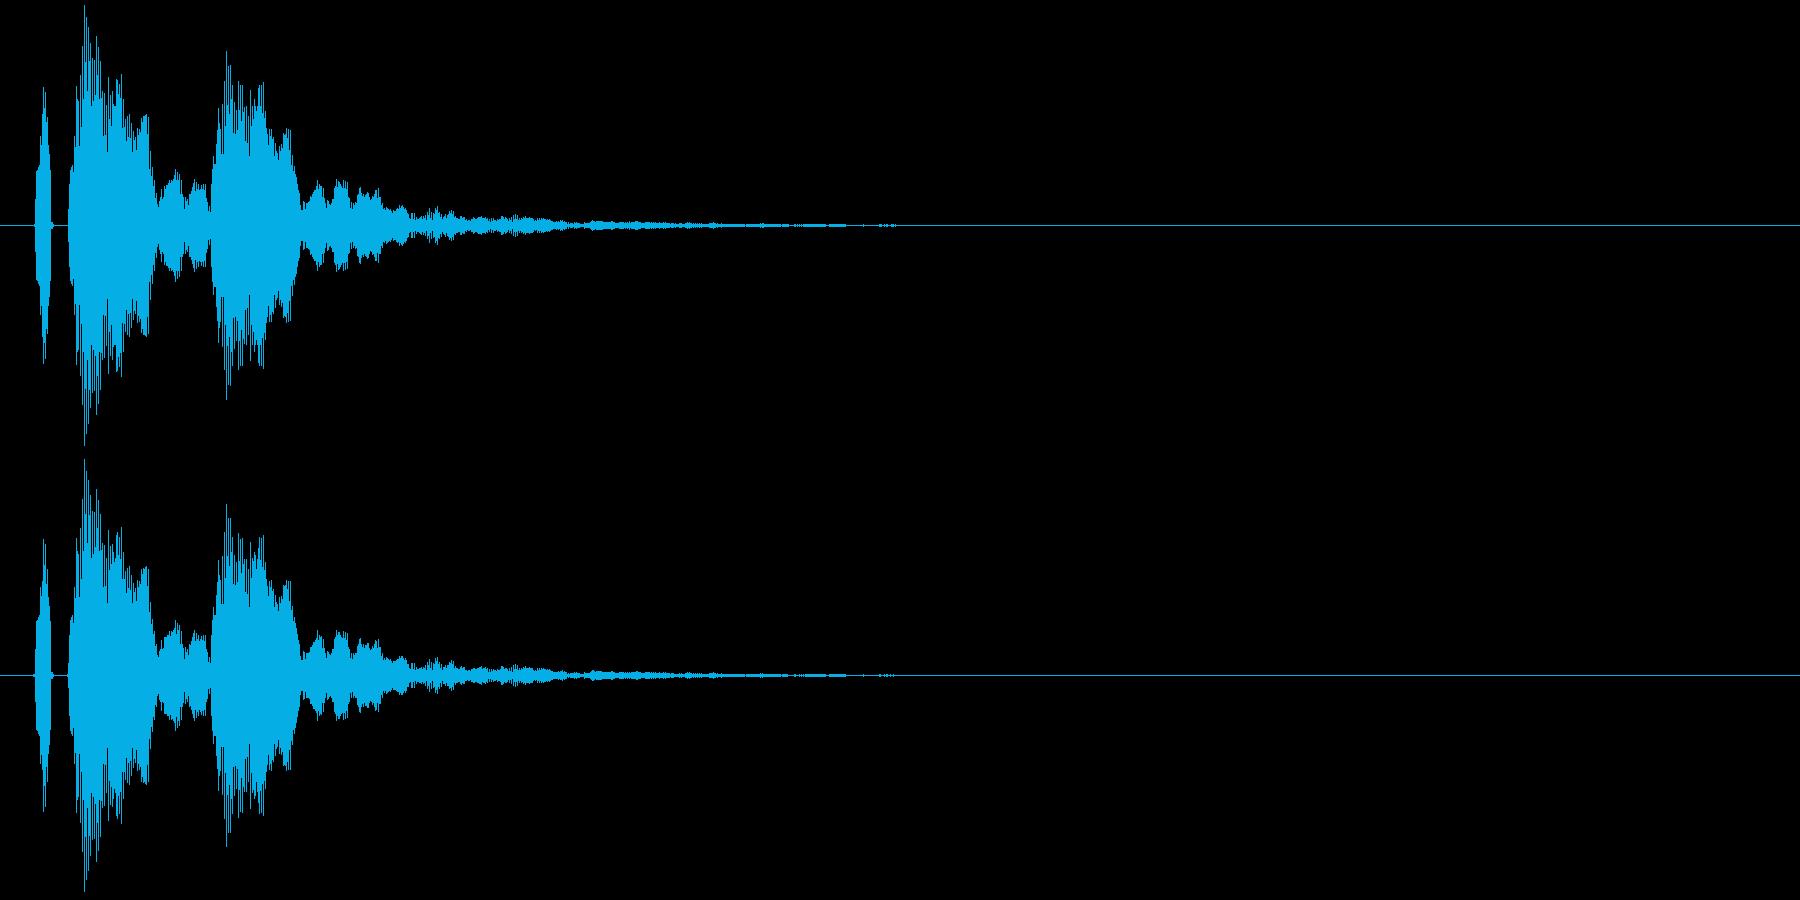 【ポポン!】とてもリアルな太鼓の鼓!11の再生済みの波形